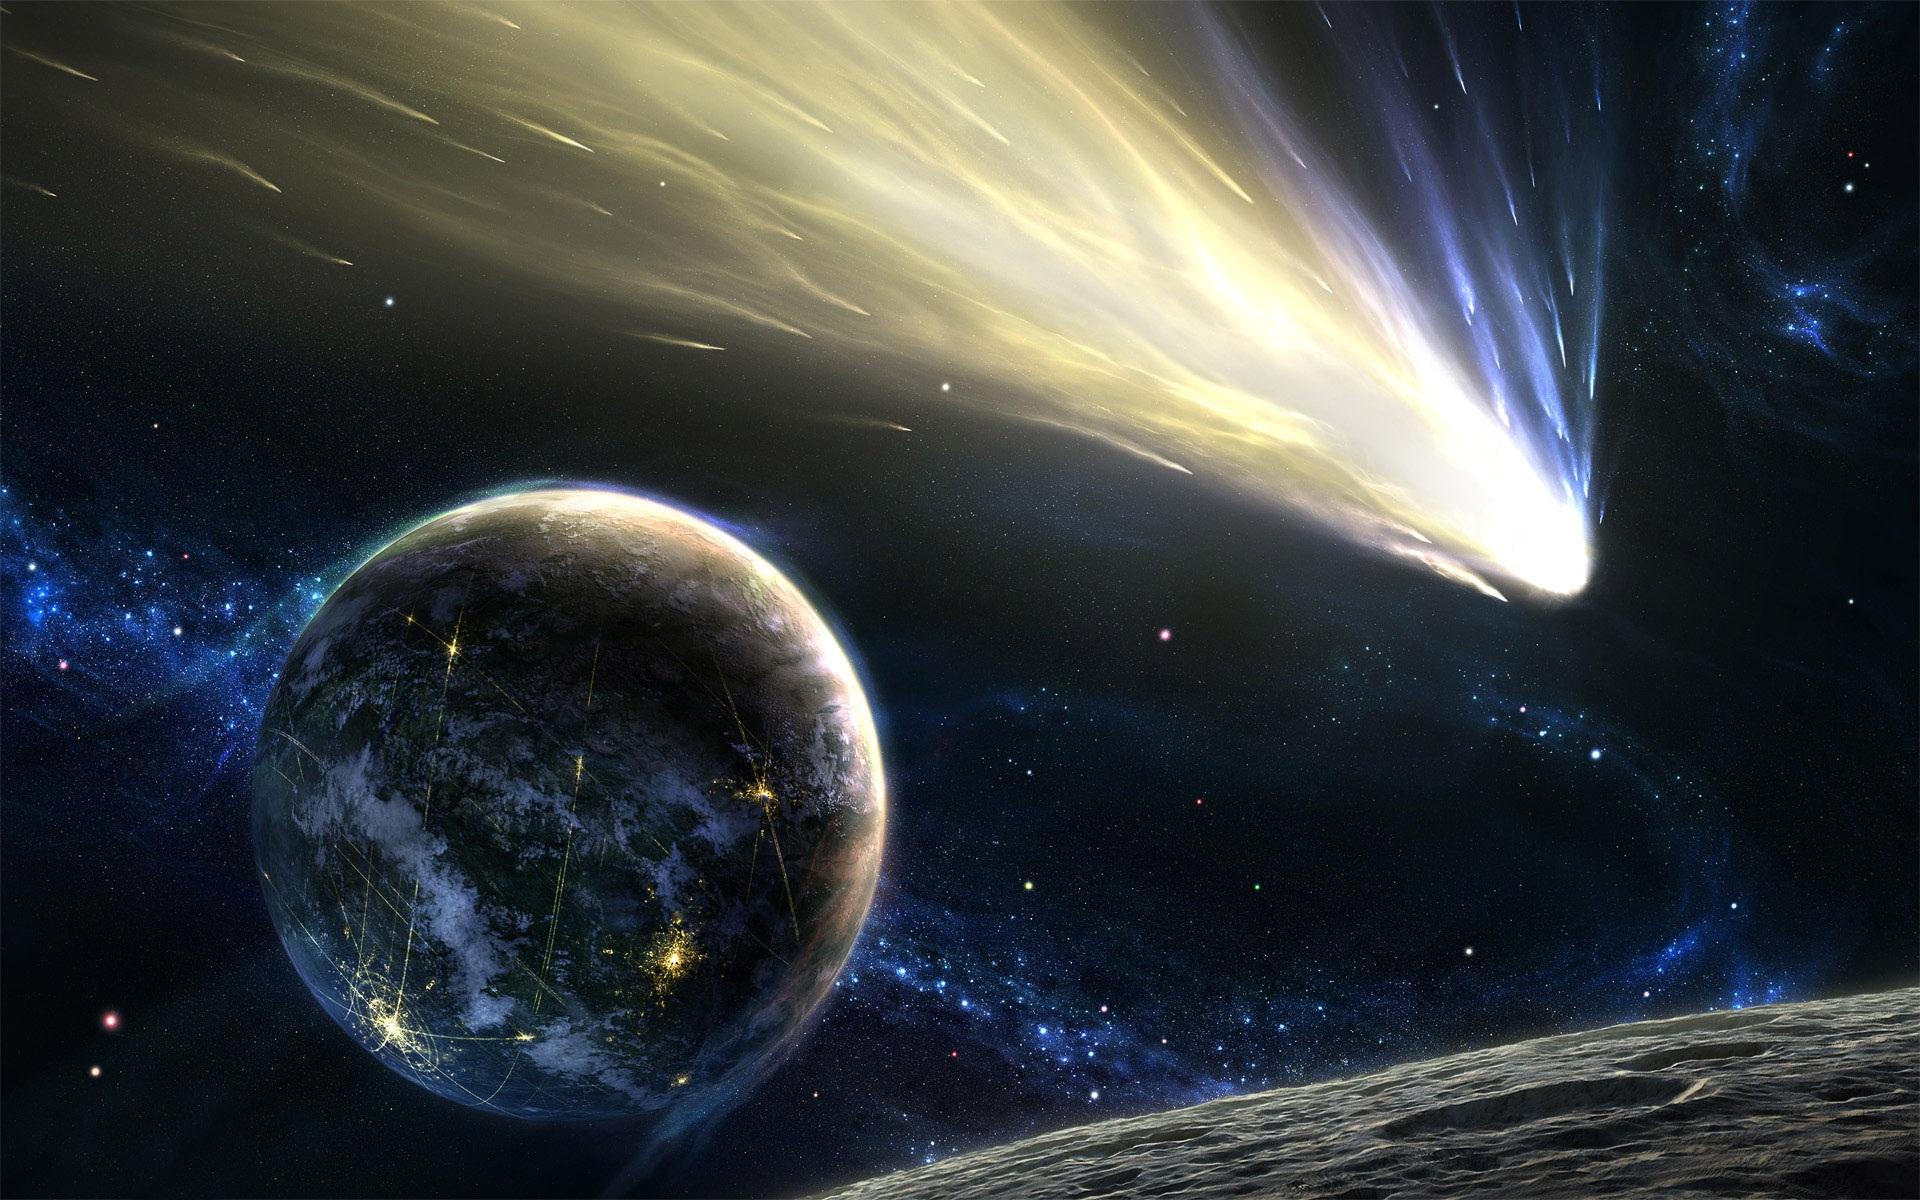 彗星 (航空機)の画像 p1_36